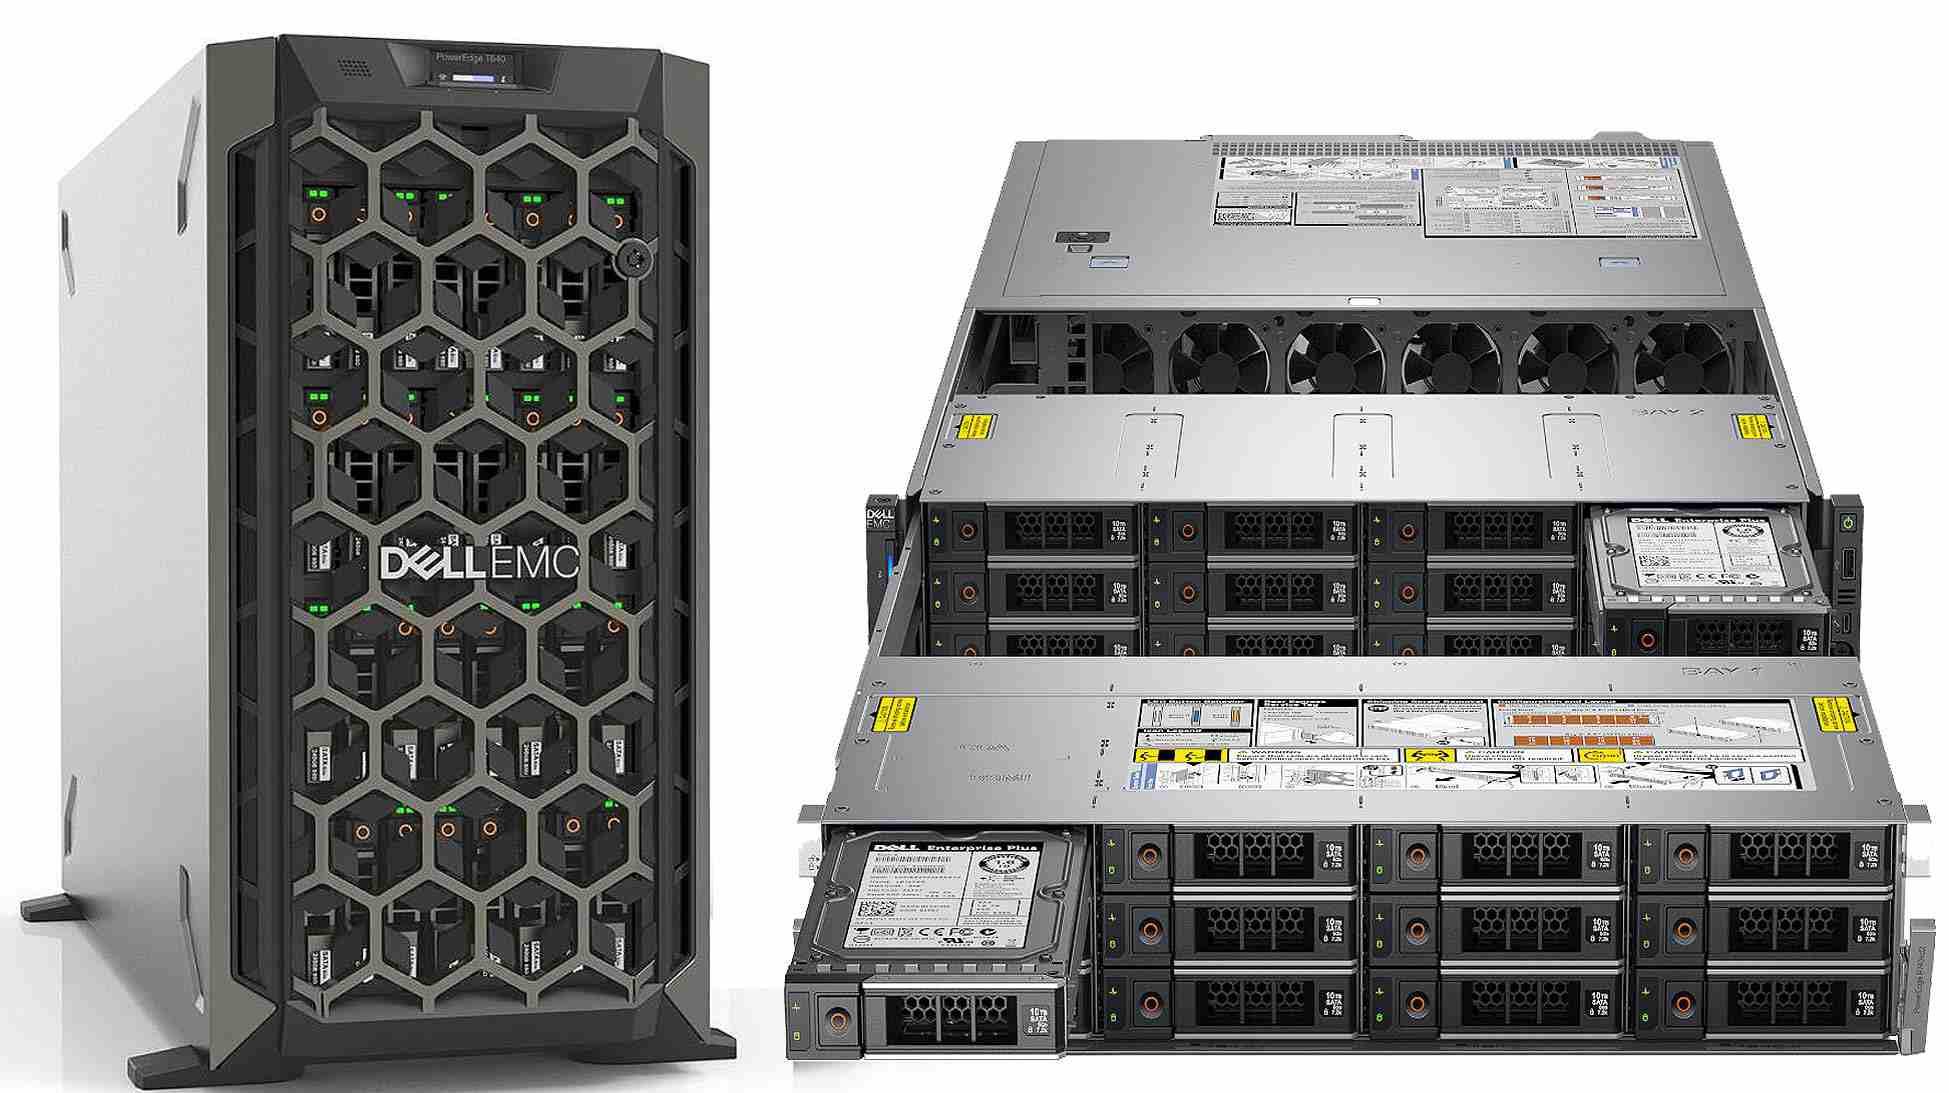 Купить сервер Нижний Новгород, серверное оборудование цены, системы хранения данных в Нижнем Новгороде подбор Конфигуратор серверов, подбор серверов, конструктор сервера, покупка сервера, конфигуратор серверов онлайн, продажа серверов, онлайн конфигуратор сервера, конфигуратор серверов интел, подбор сервера по параметрам, цена сервер, онлайн подбор серверов, купить сервер, расчет сервера, выбор сервера, выбрать сервер, подобрать сервер. расчет